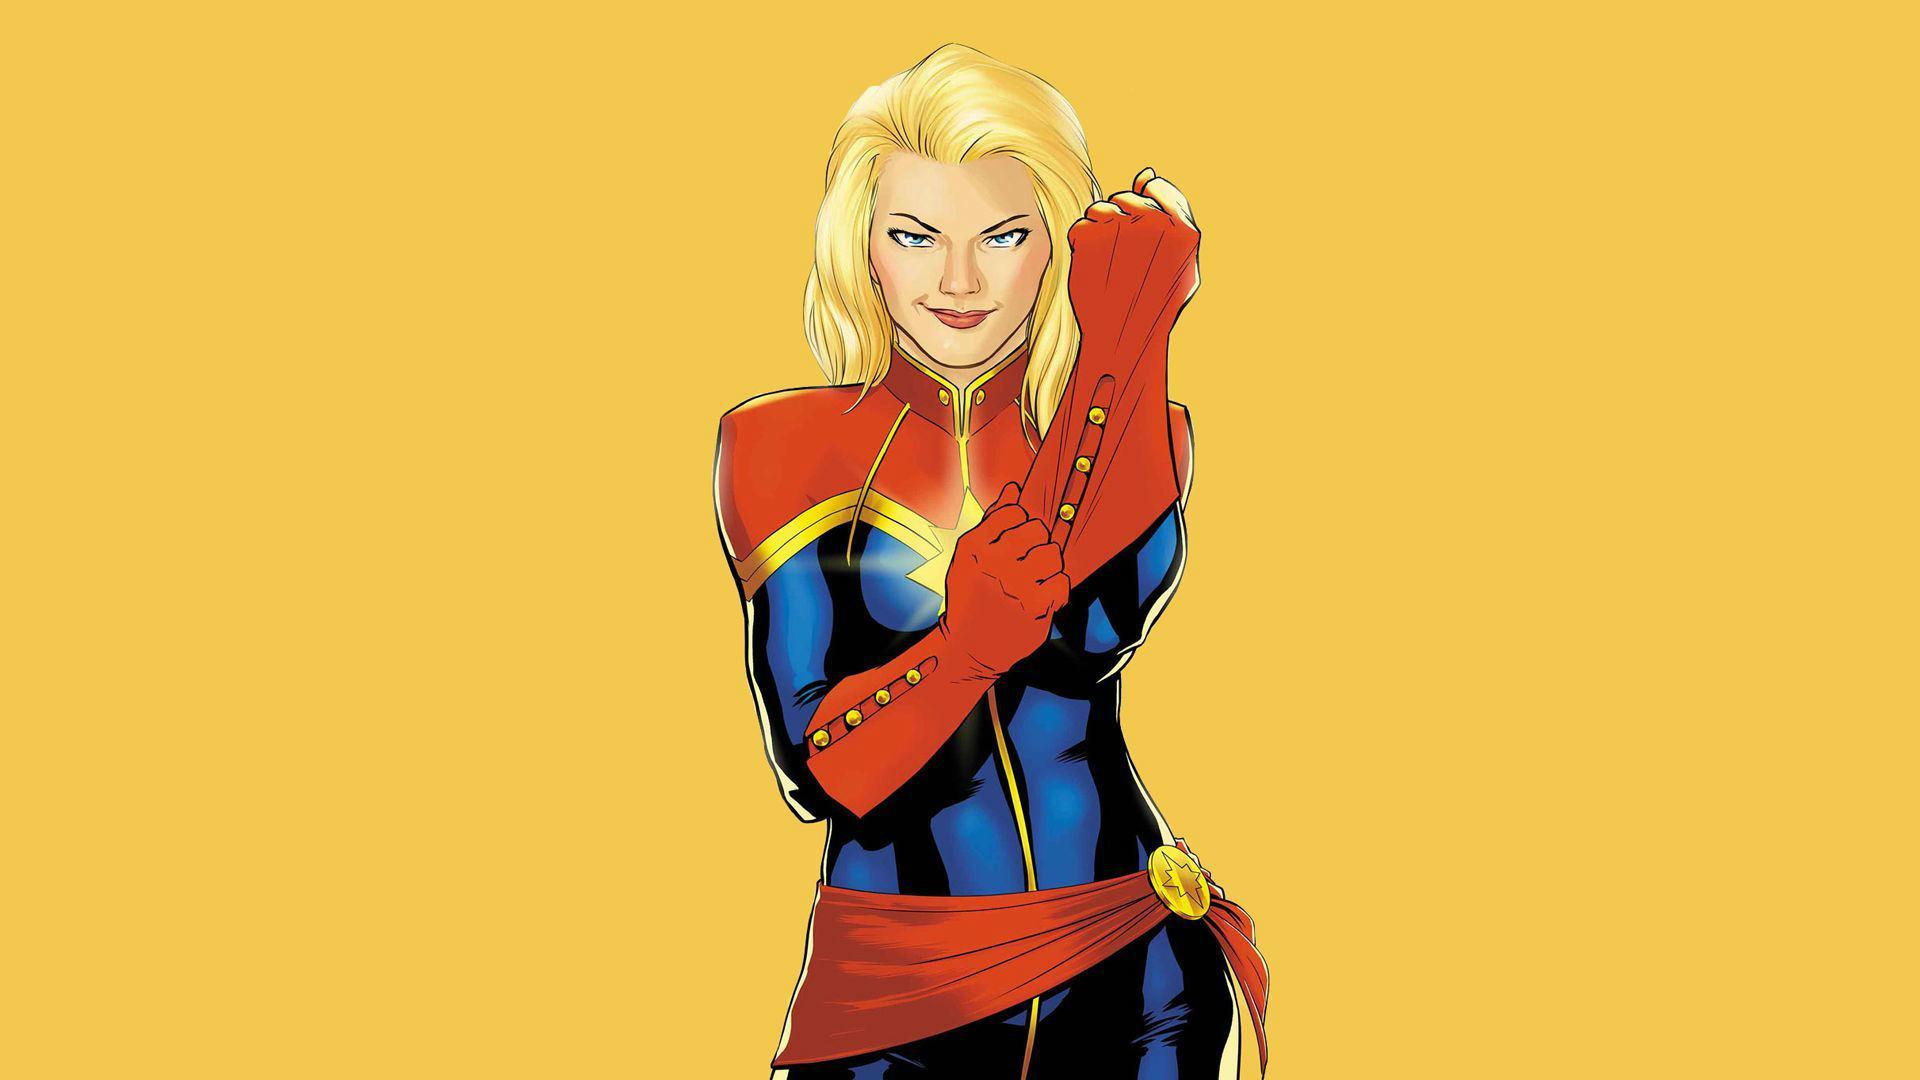 Capitán Marvel, en el cine desde el 8 de marzo de 2019